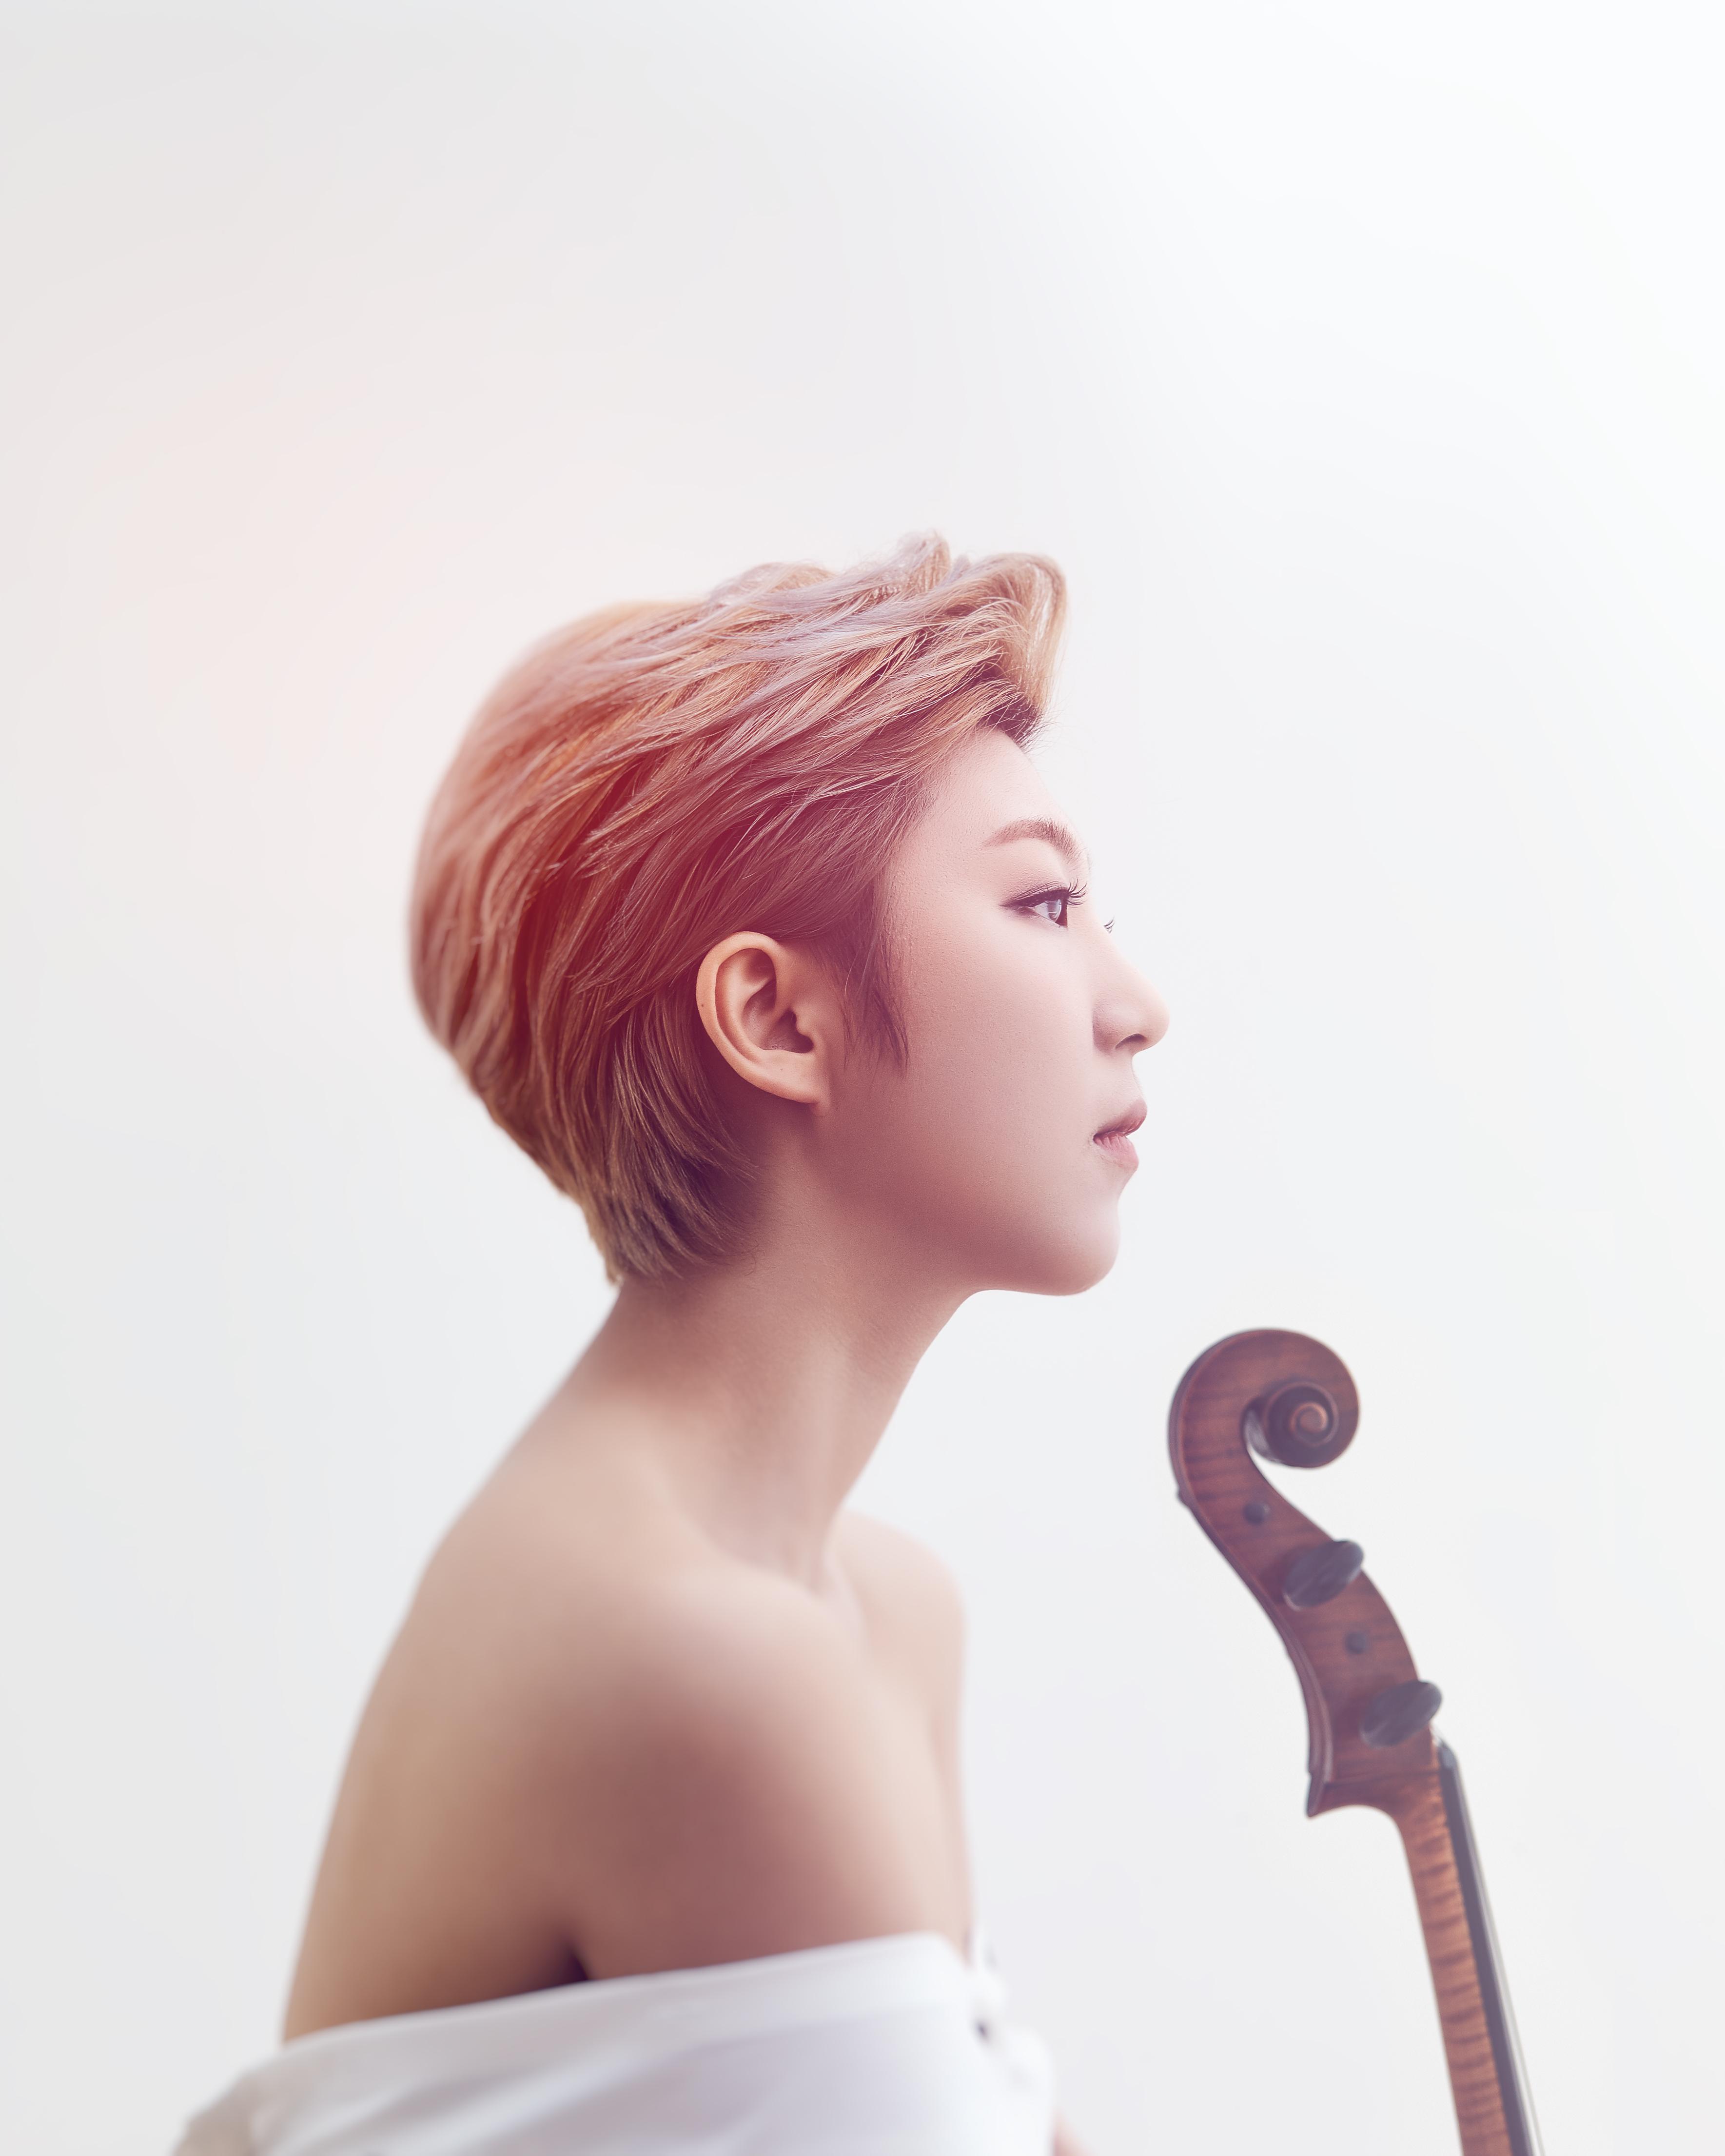 Cellist 전규정